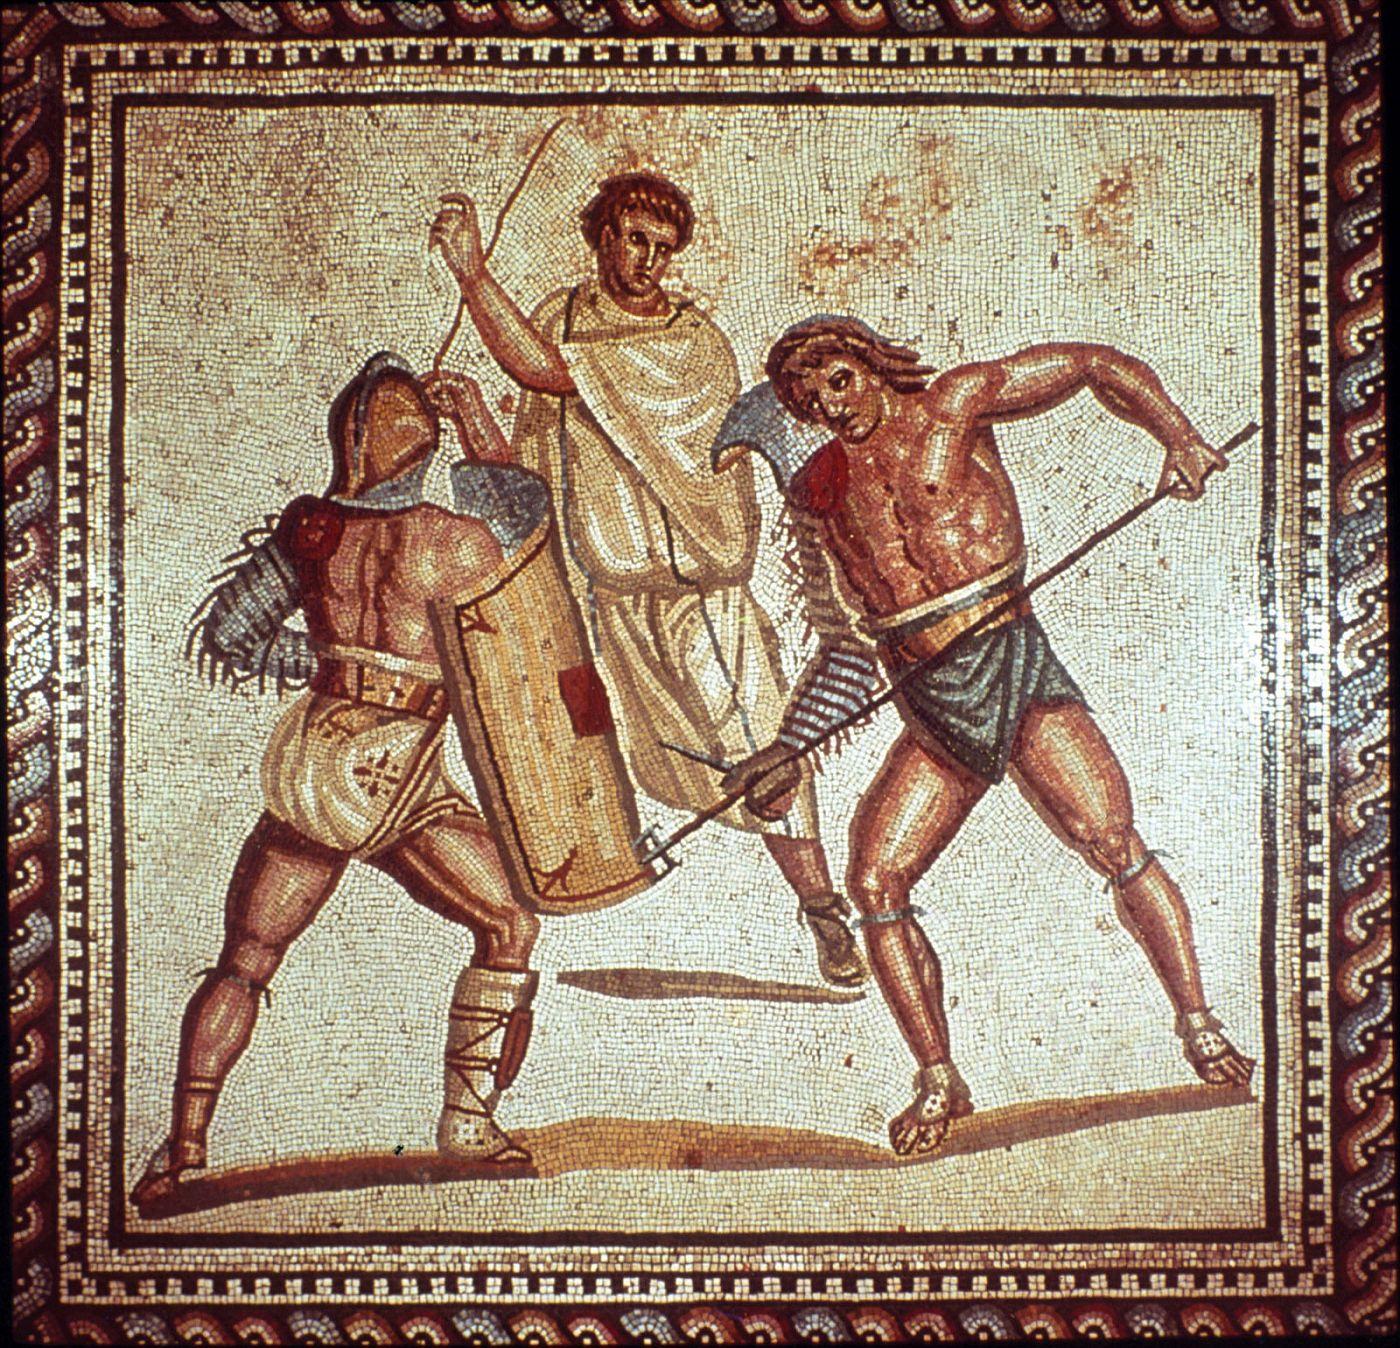 Mozaika ukazująca gladiatorów